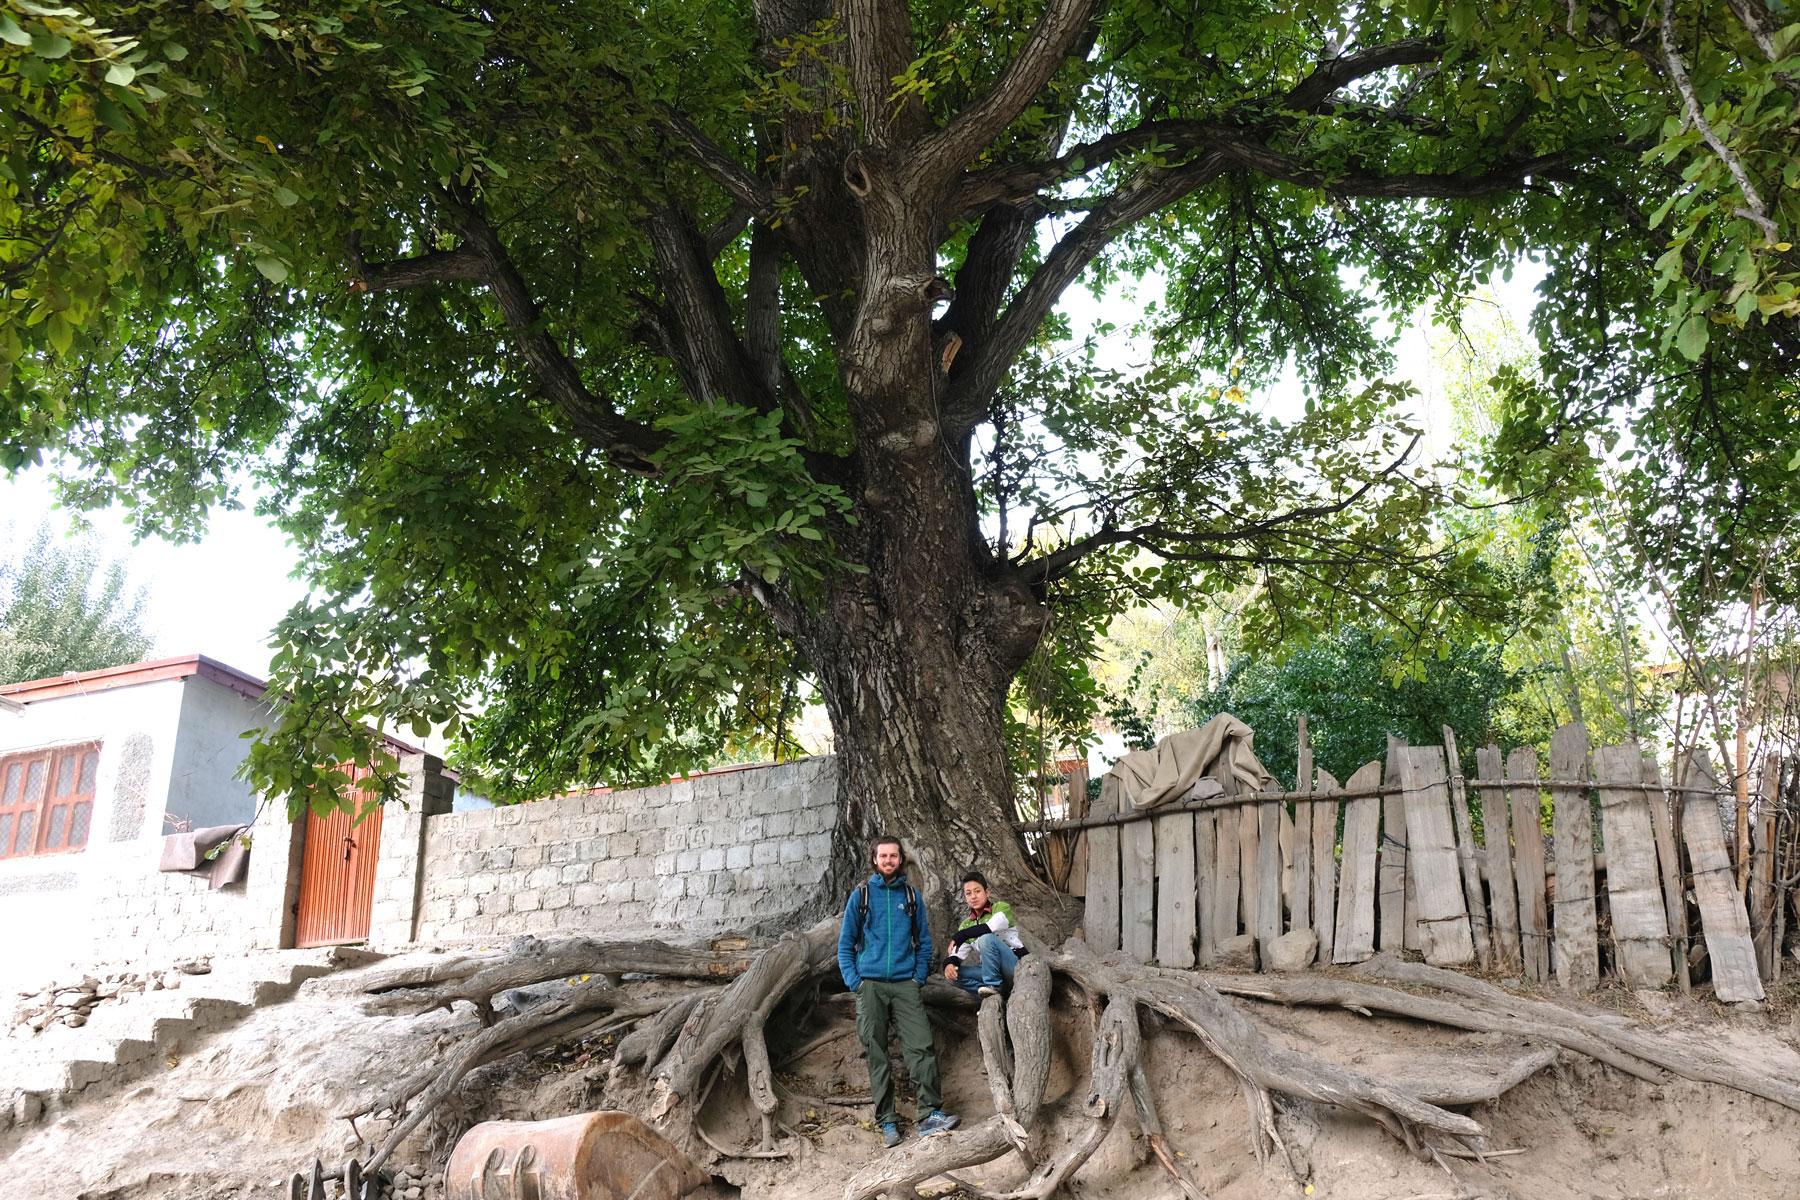 Sebastian und ein Junge stehen unter einem großen Baum.